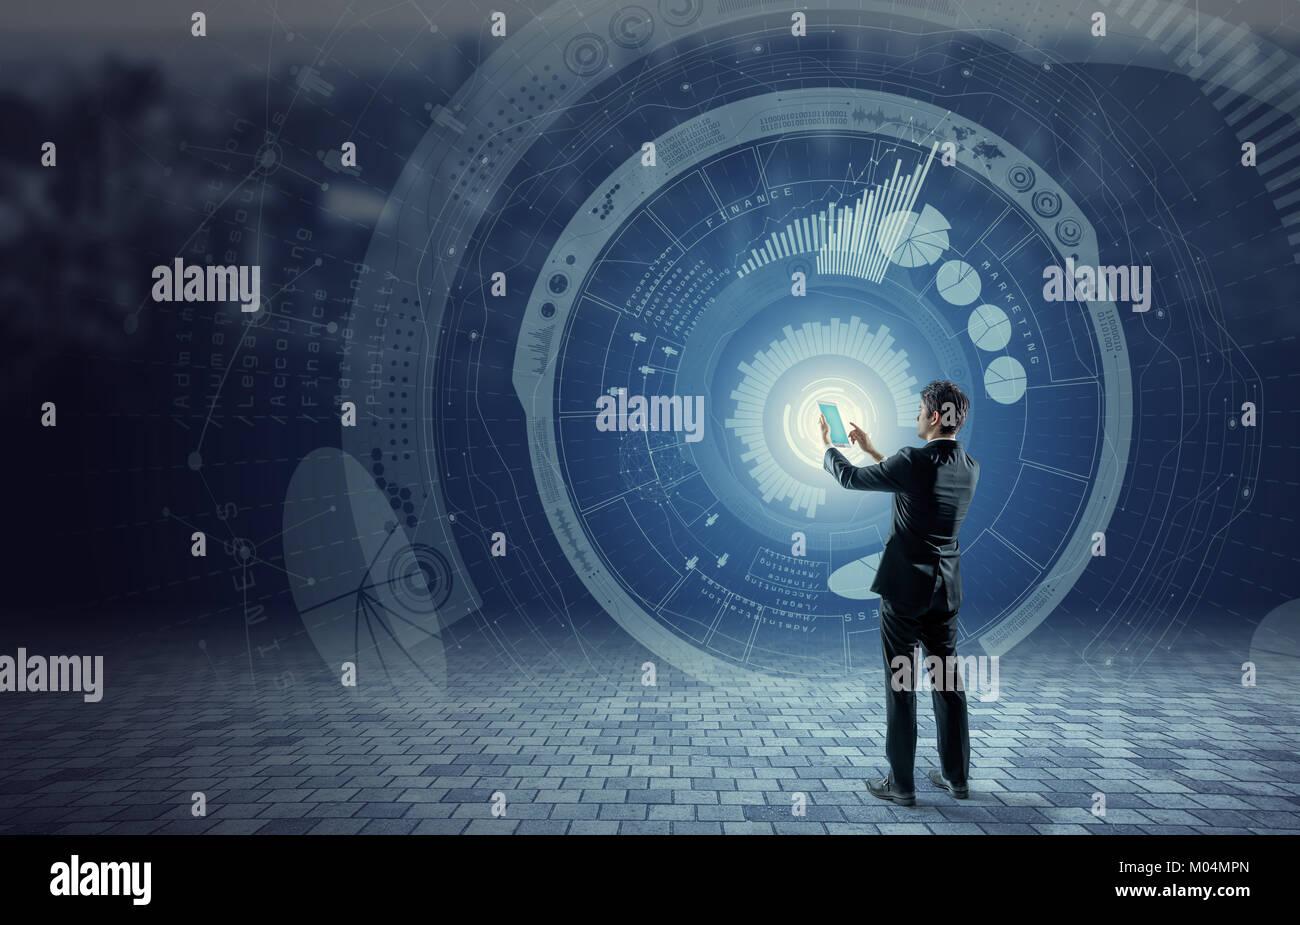 Concept d'affaires et technologiques, financières, la technologie de l'Internet des objets, l'image Photo Stock